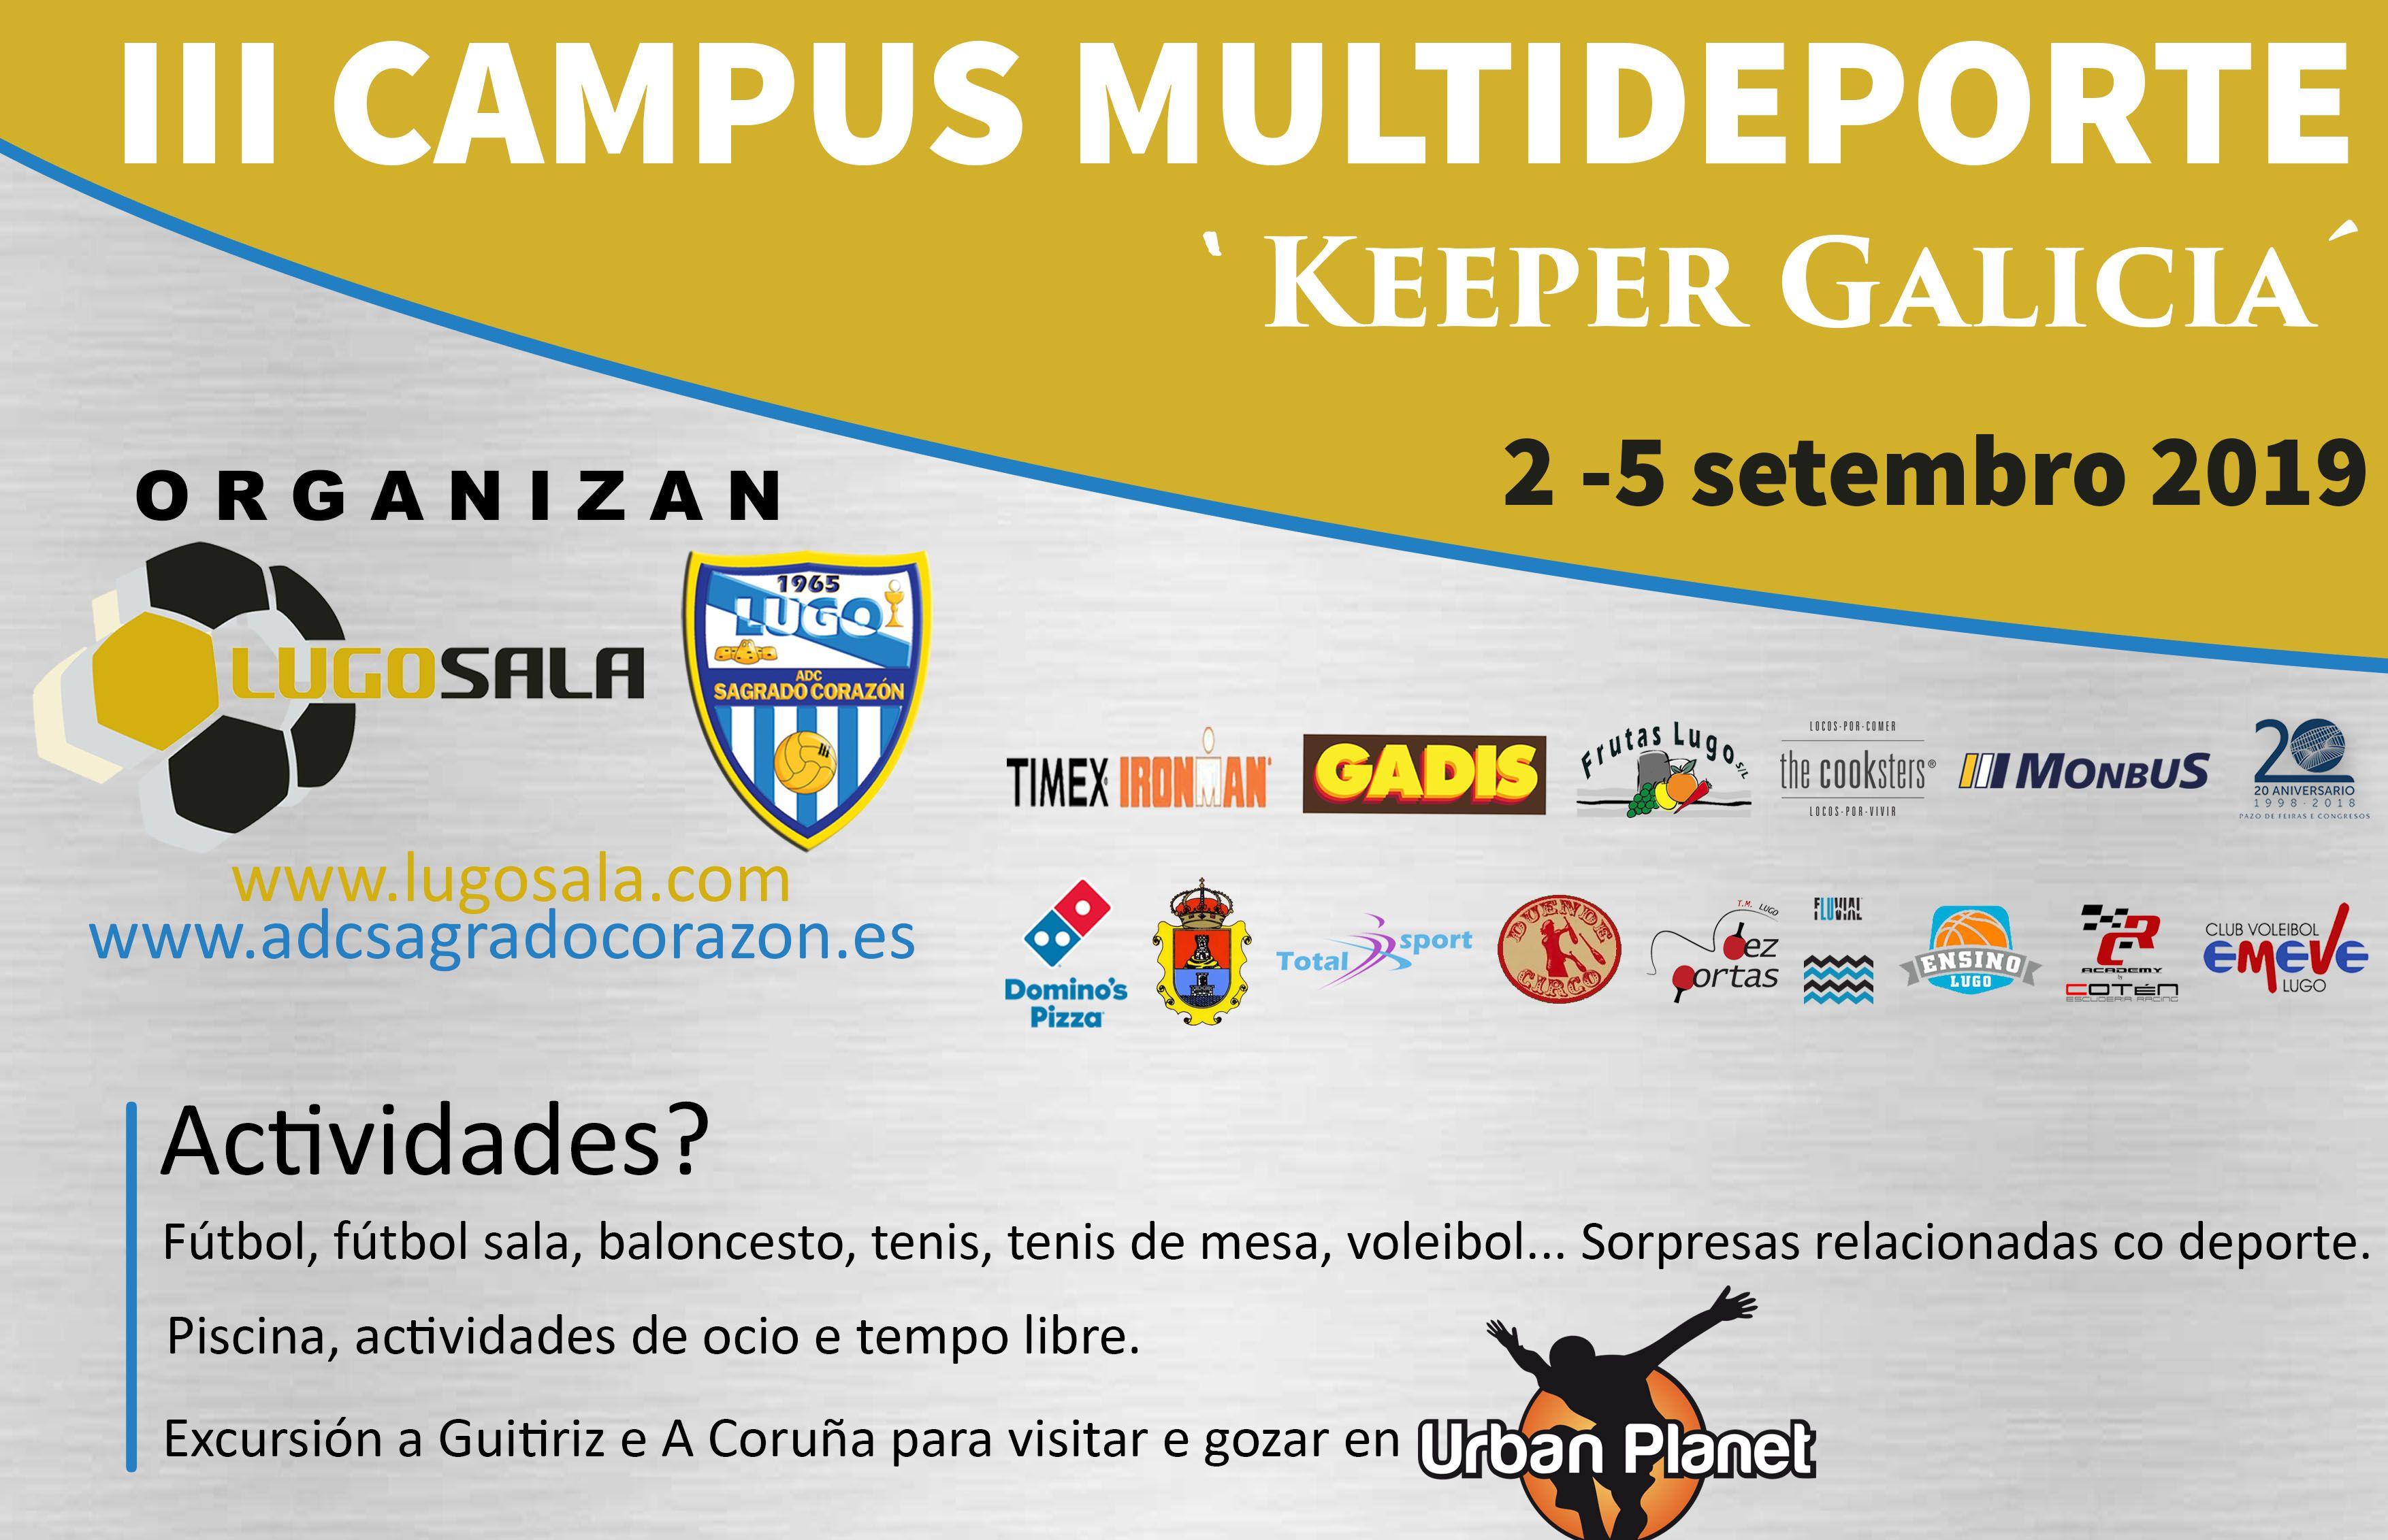 III Campus Multideporte Keeper Galicia: del 2 al 5 de septiembre